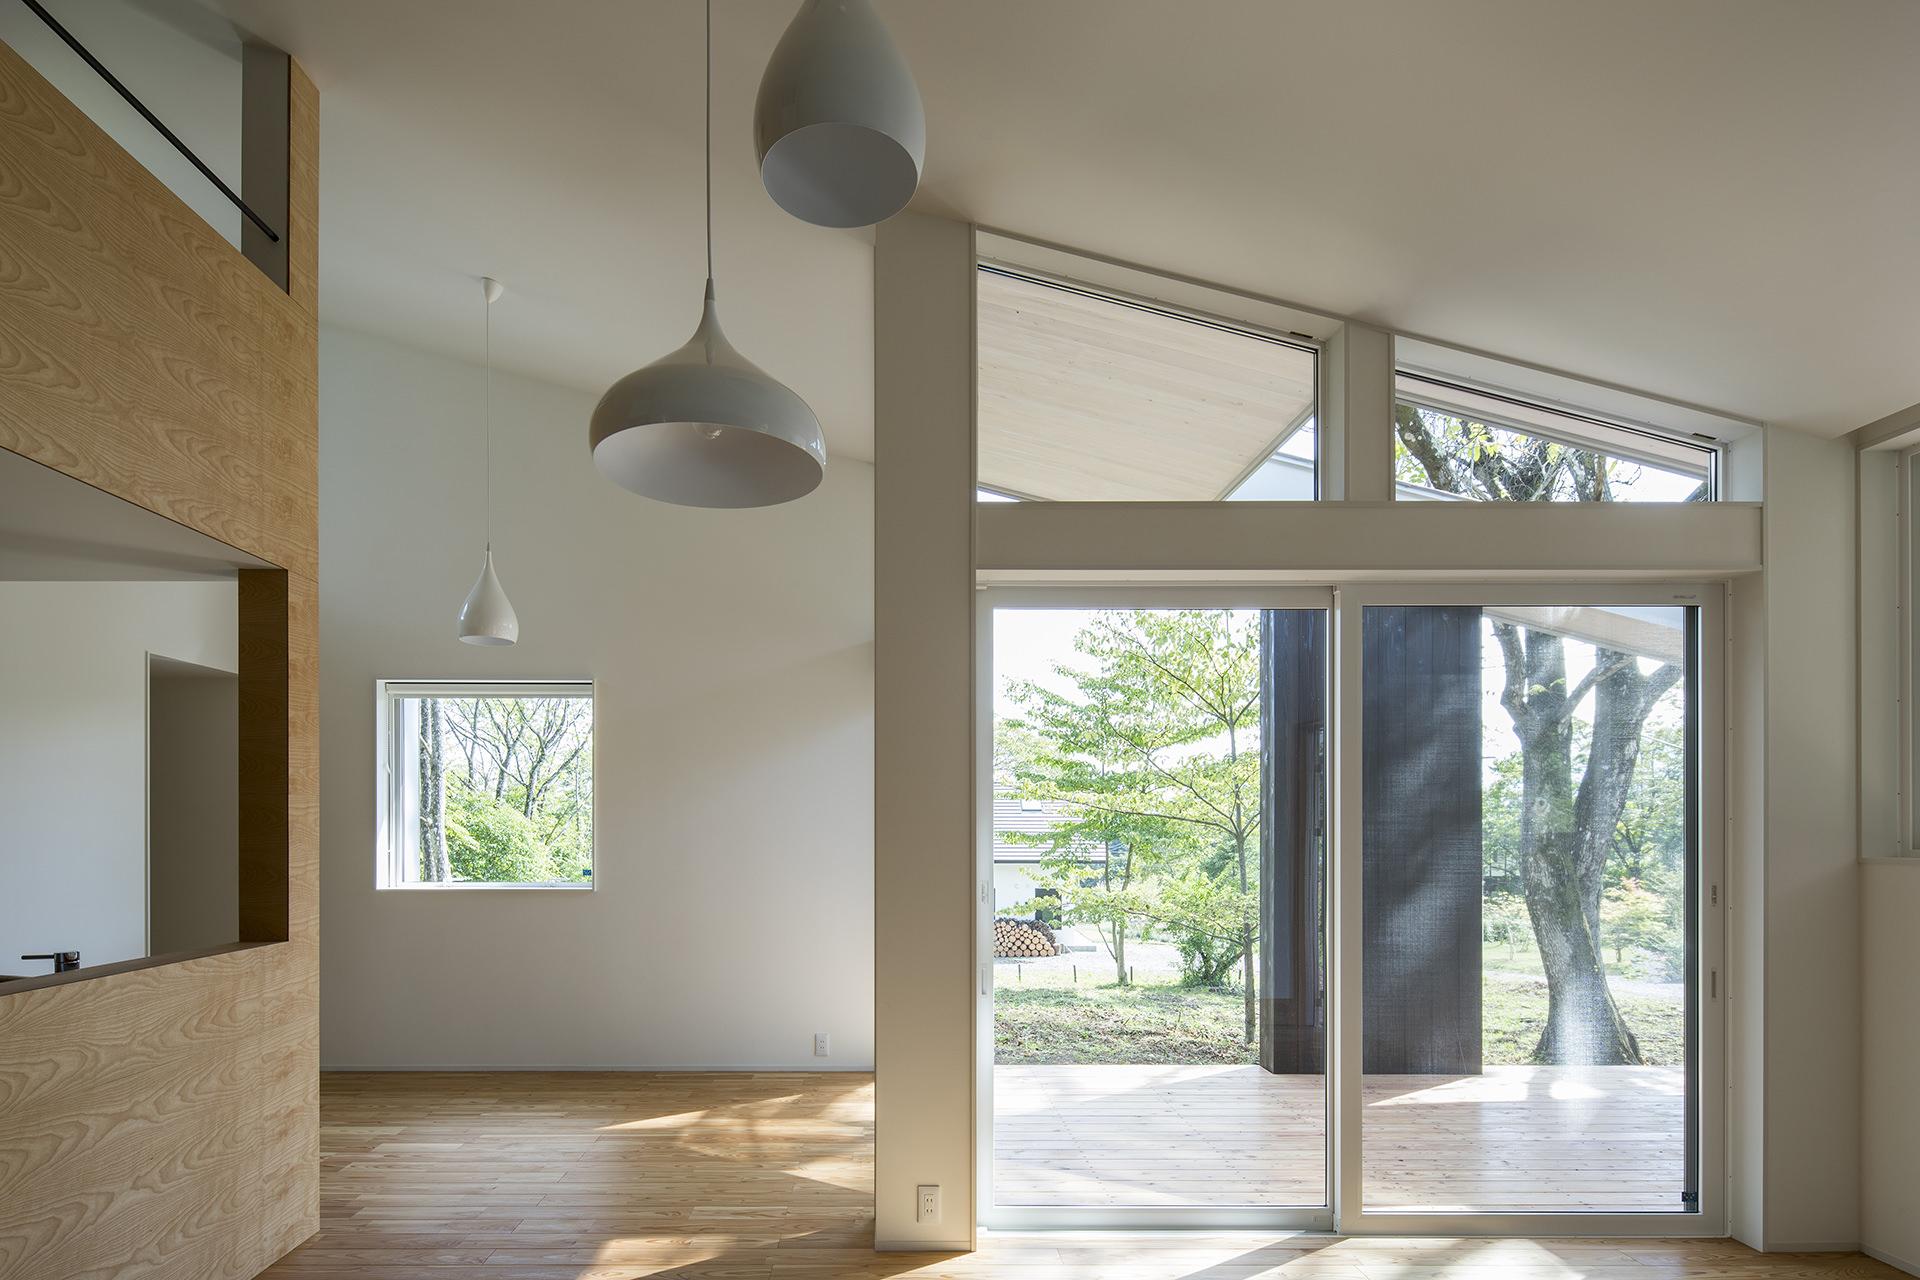 自然に寄り添う、アウトドアリビングをもつ大屋根の家 イメージ9 撮影:東涌写真事務所・東涌宏和